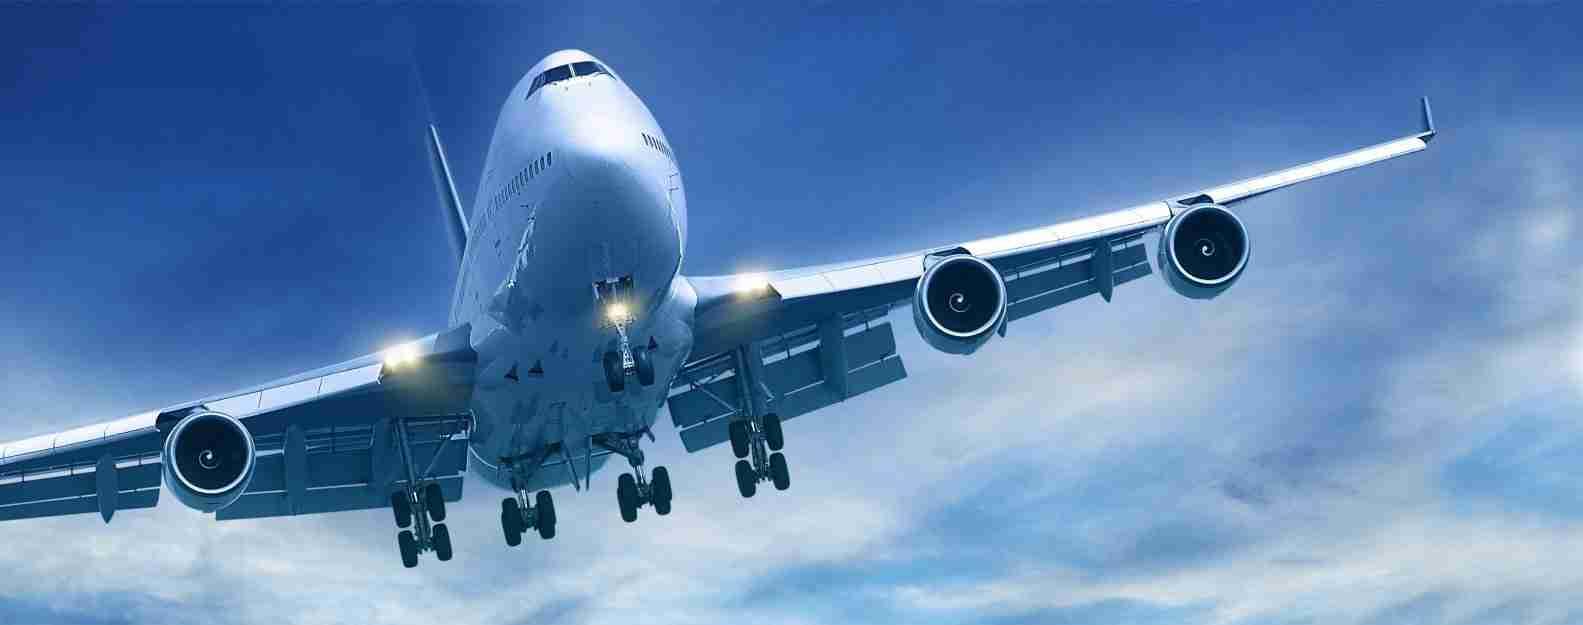 Авиаперевозки в Сортавалу